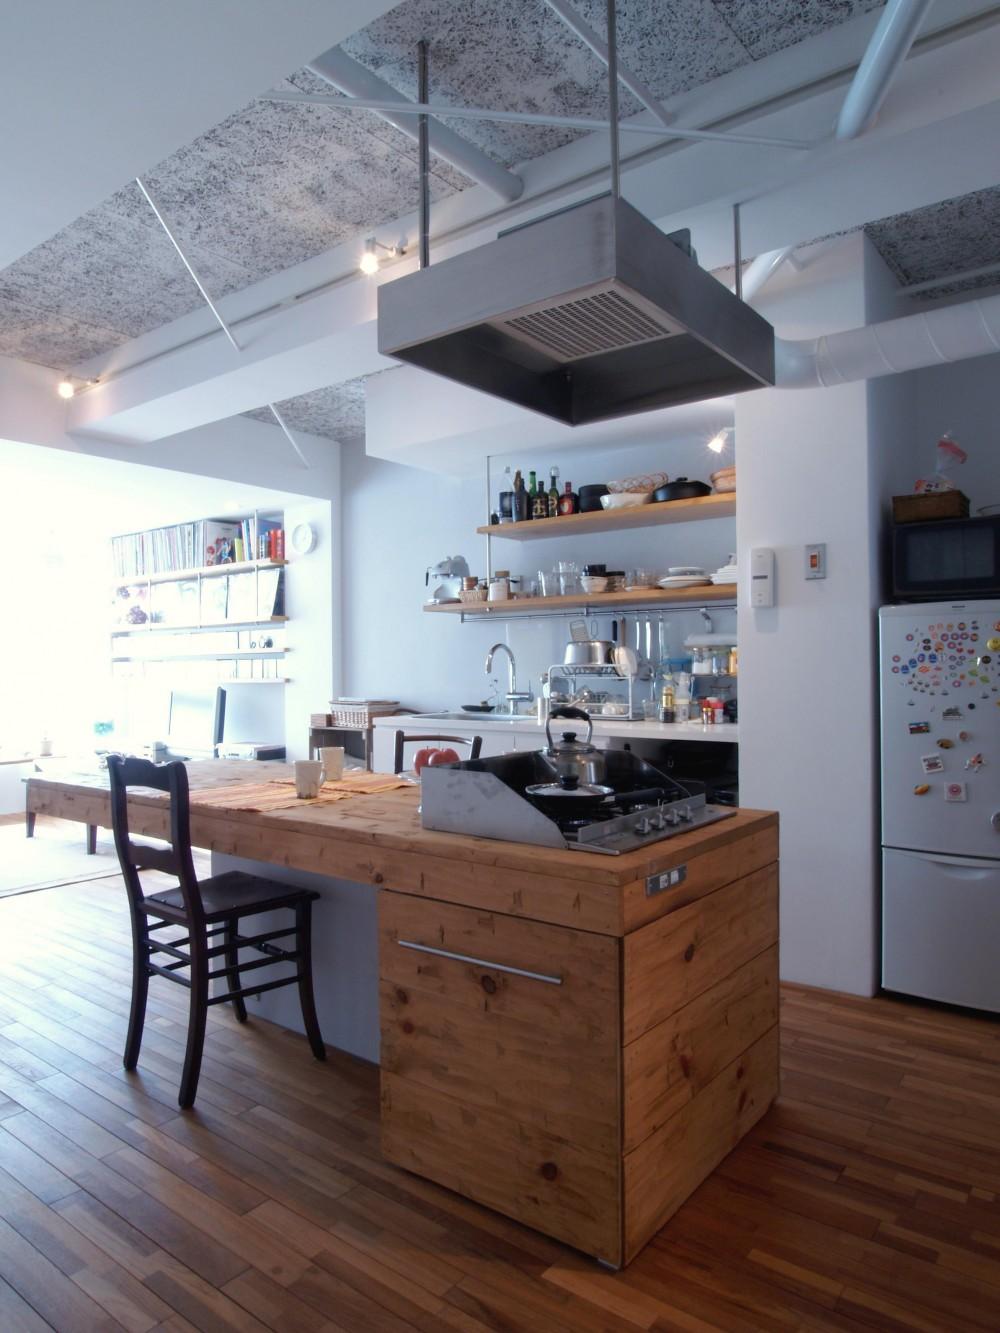 BBQスタイルのキッチンとインナーテラス (家事動線と、楽しさや気持ちよさを考えて設計)